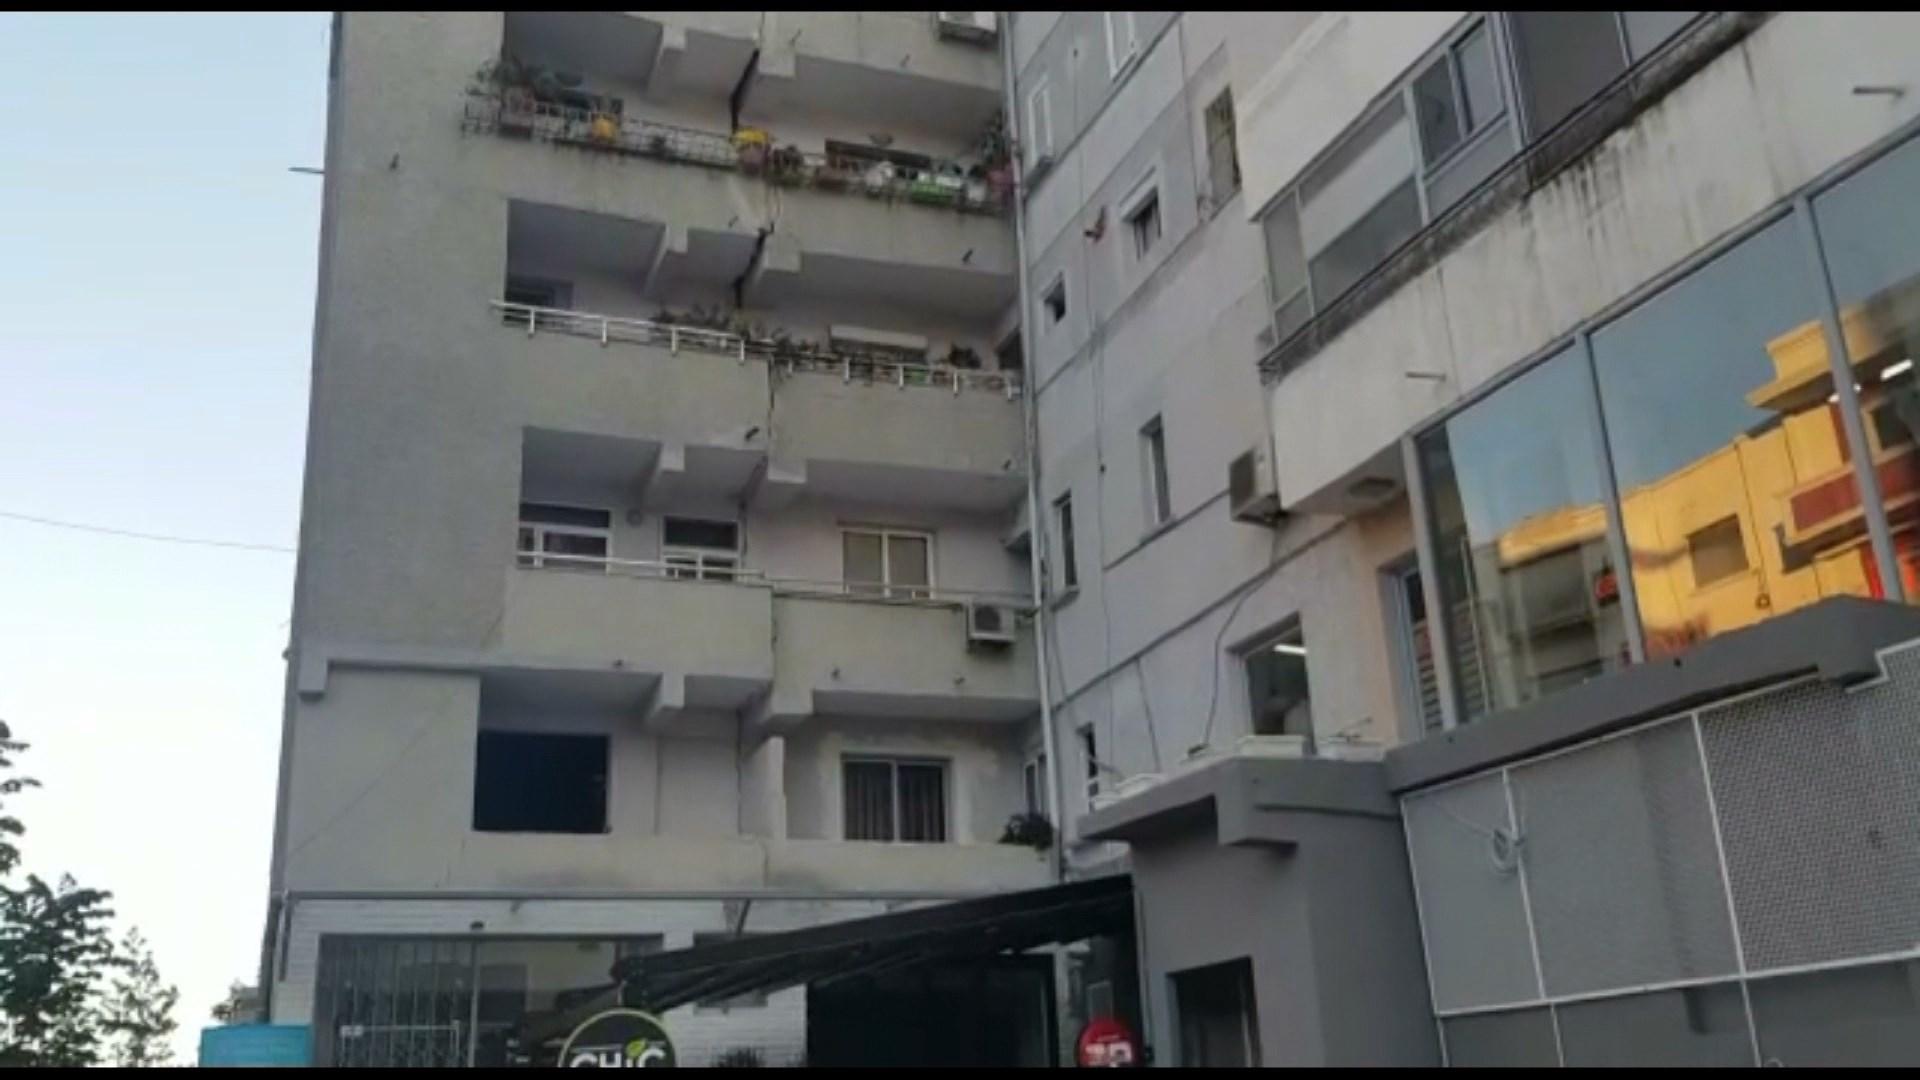 Durrsakët largohen nga çadrat në stadium, fluks qytetarësh për deklarimin e dëmeve